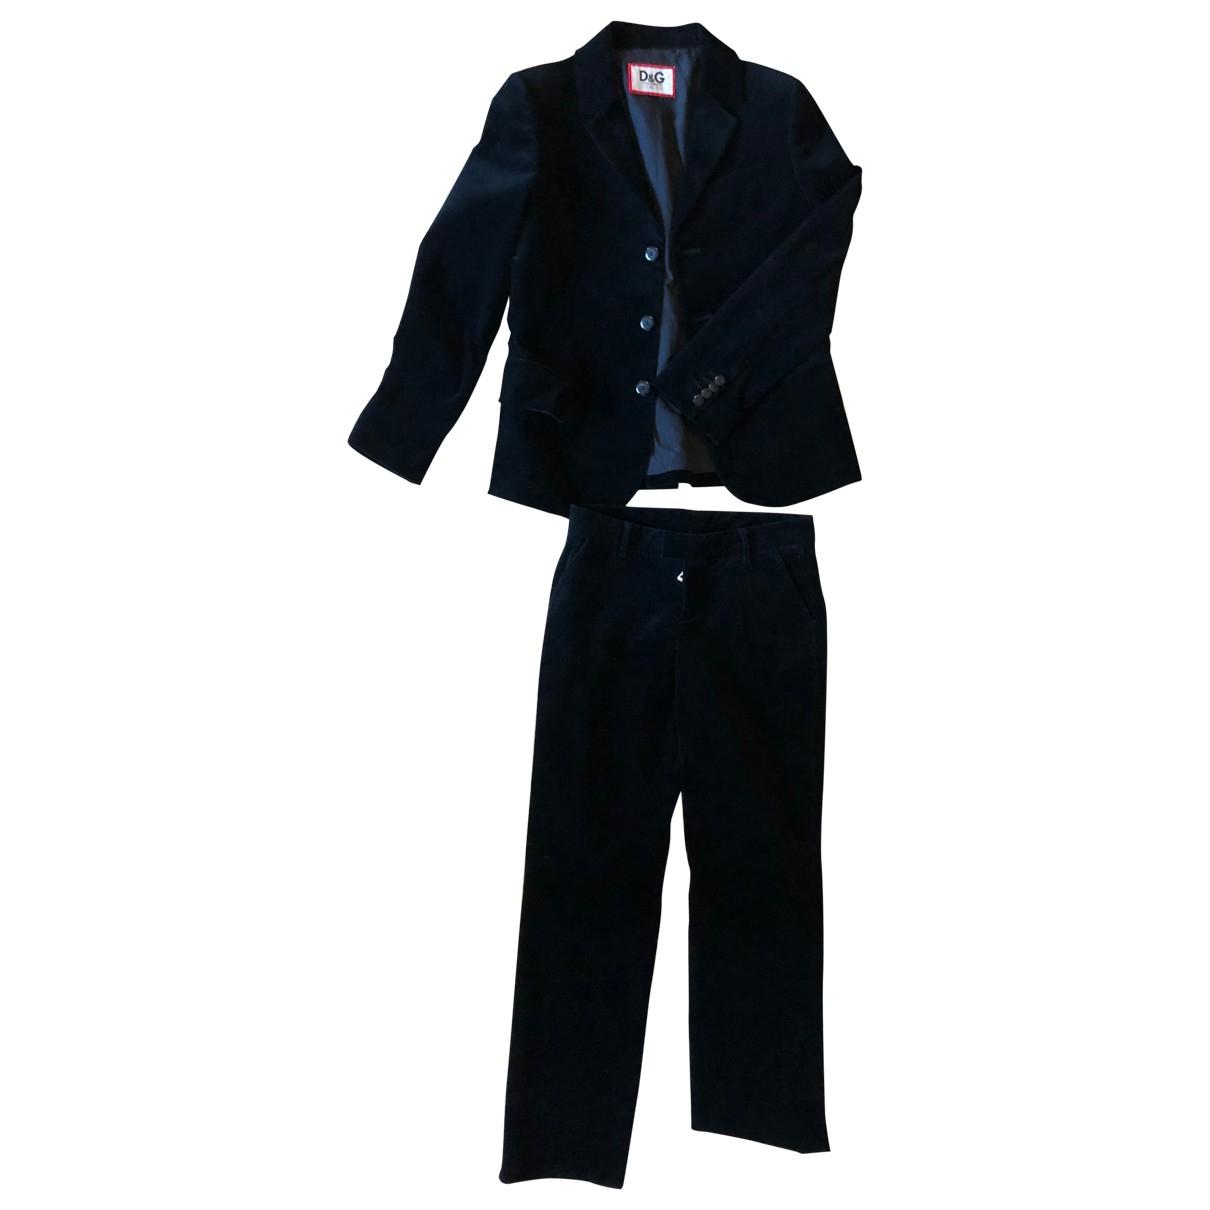 D&g - Les ensembles   pour enfant en velours - noir